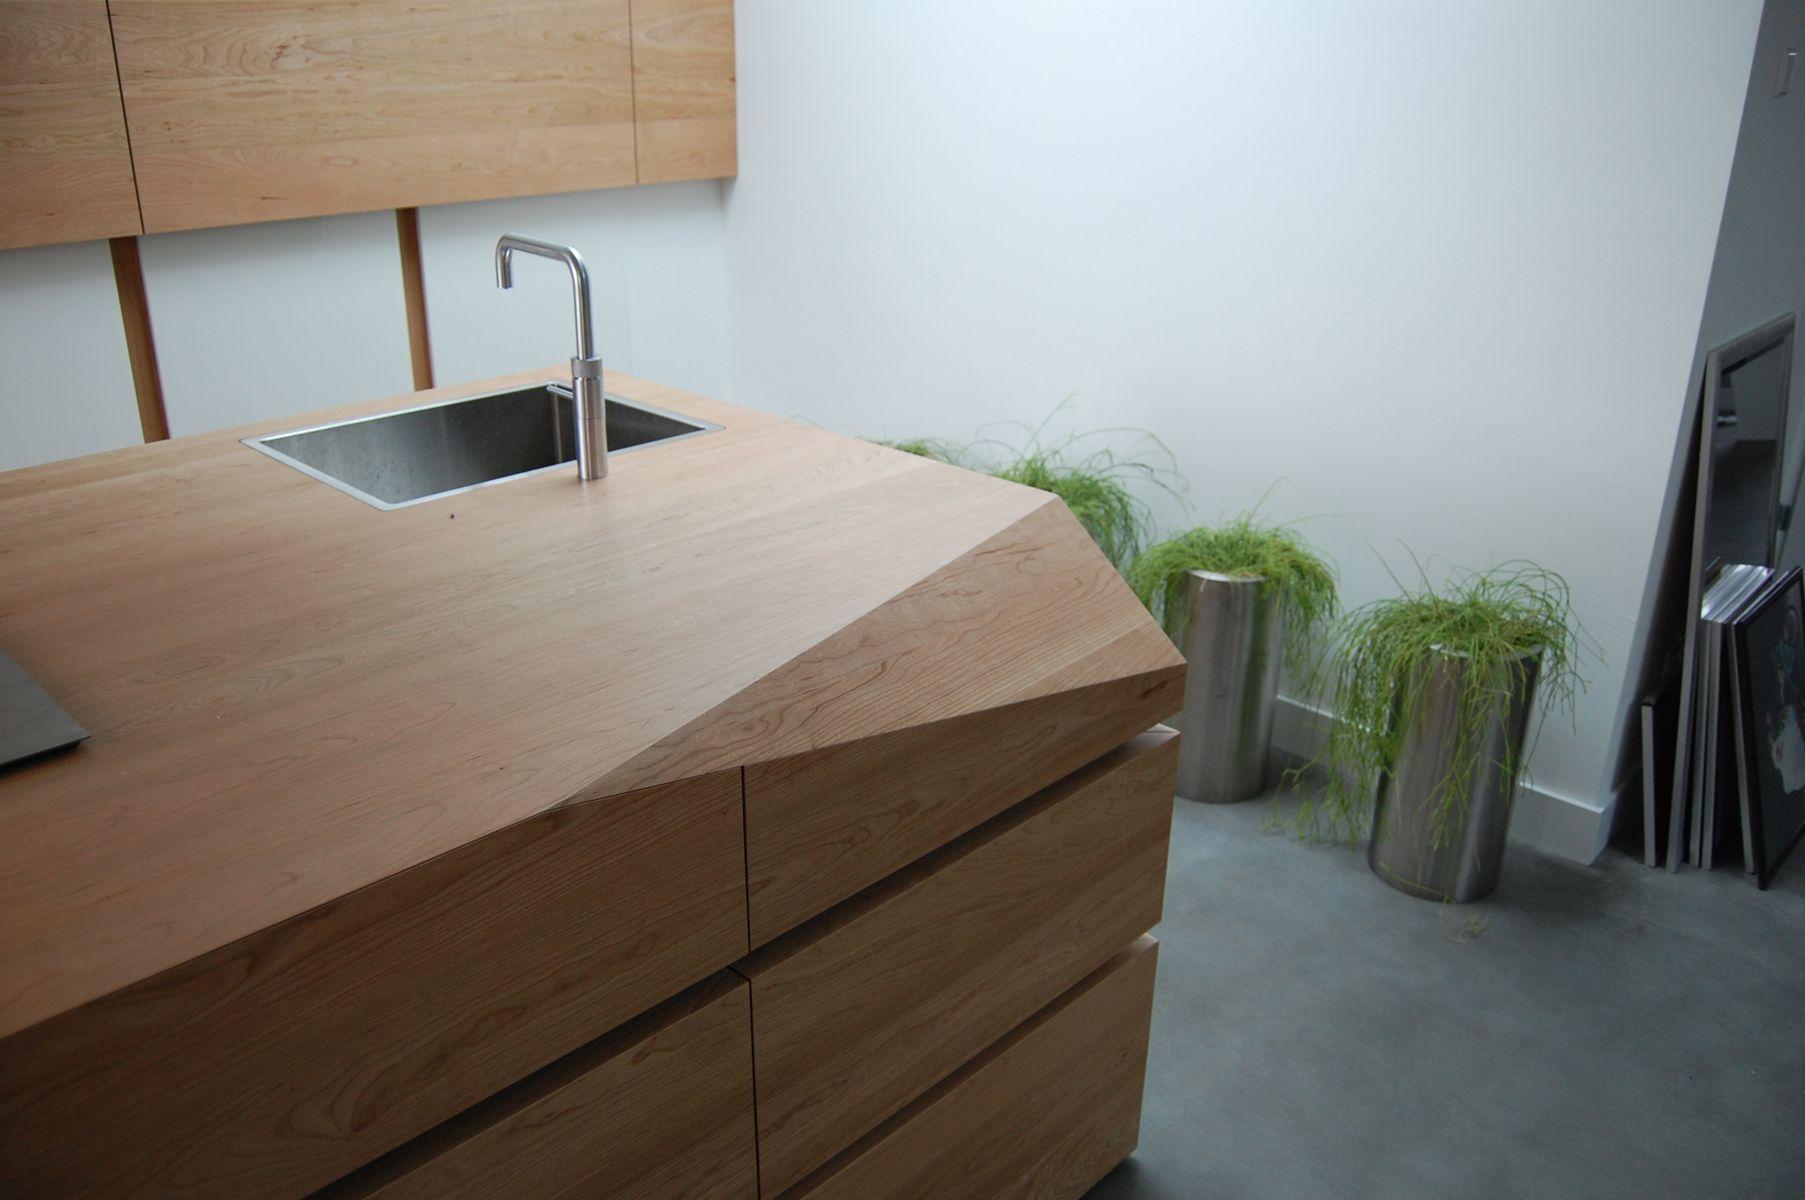 Houten Keuken Kind : Maatwerk keuken zwevend rvs werkblad gemaakt van massief